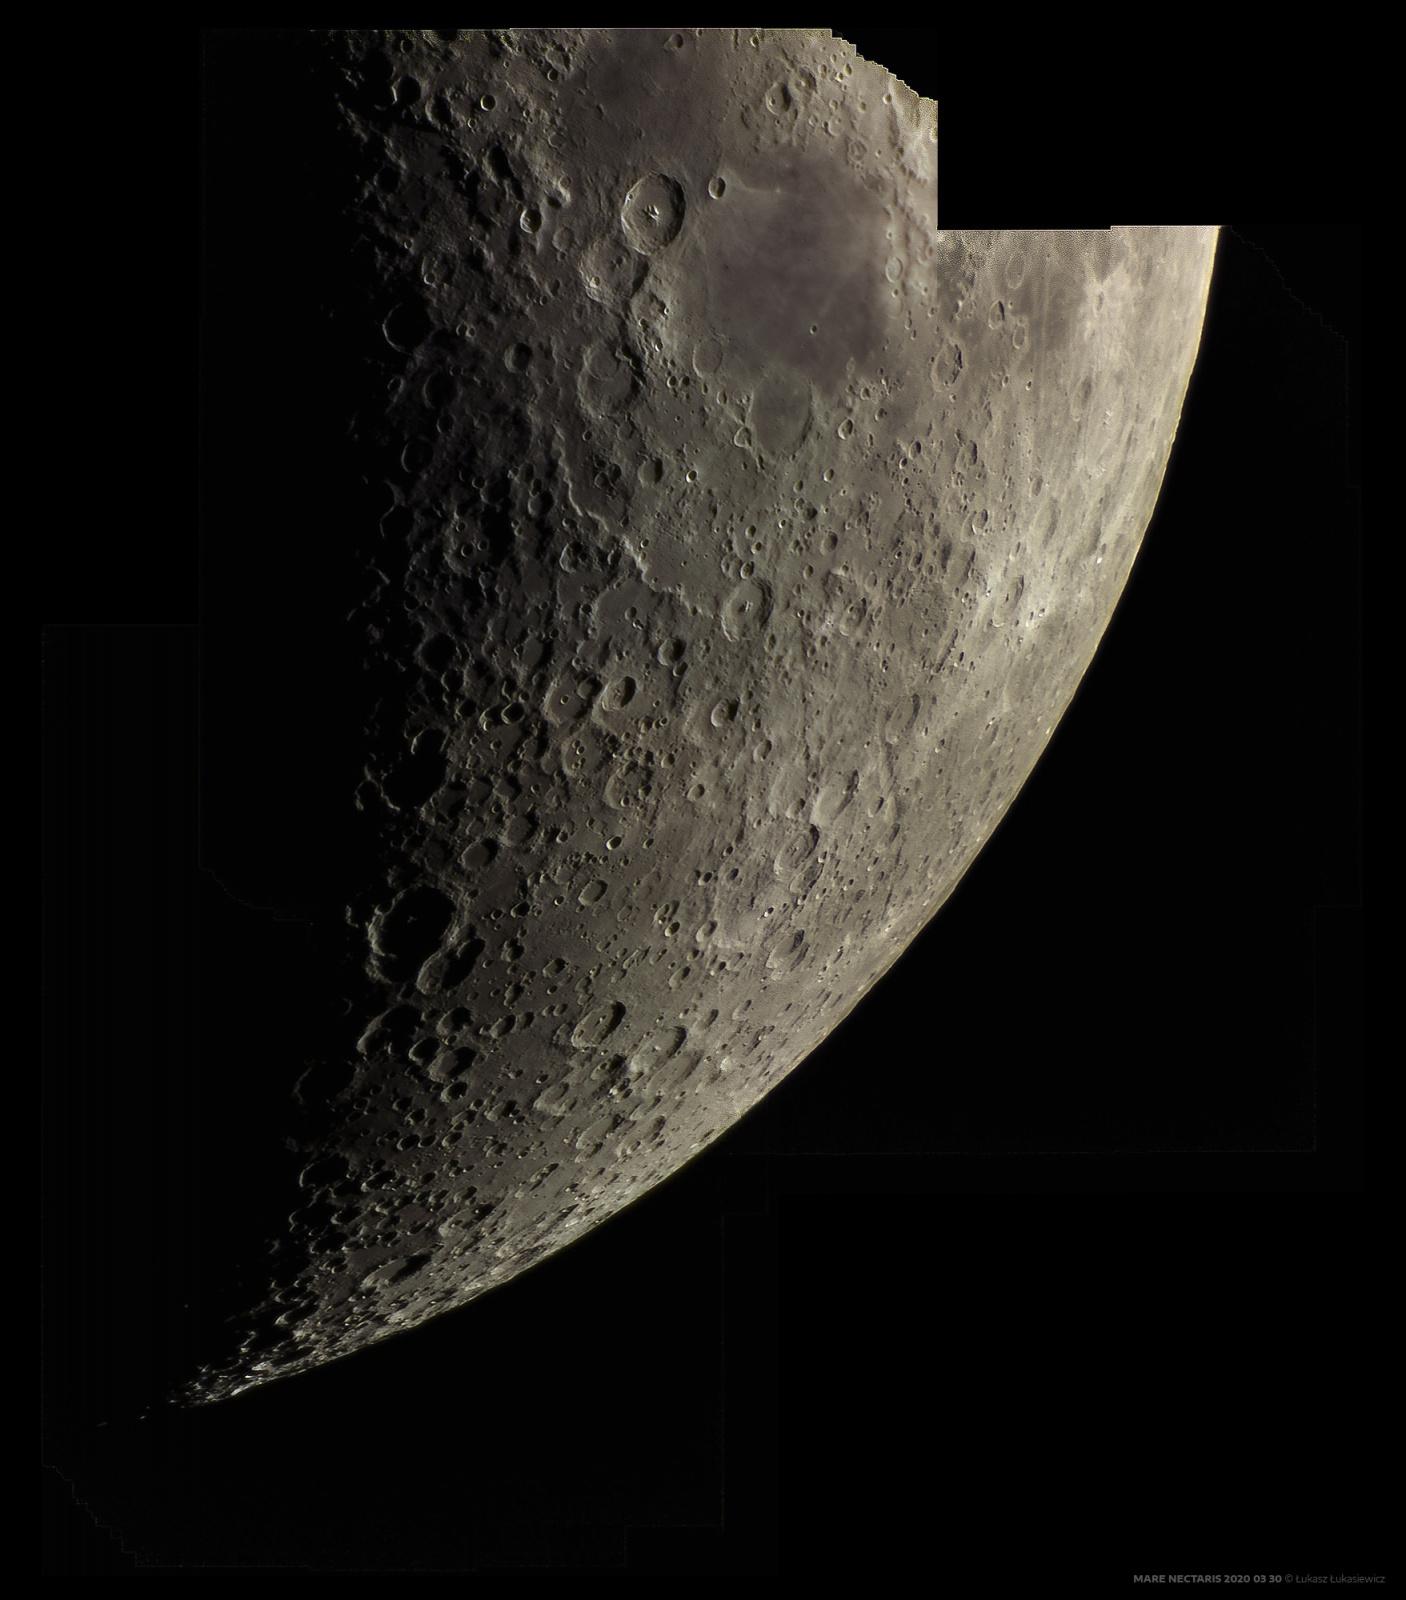 MARE-NECTARIS-2020-03-30.thumb.jpg.f1b5b3a619f6c8c1988f8d769f8fef0d.jpg